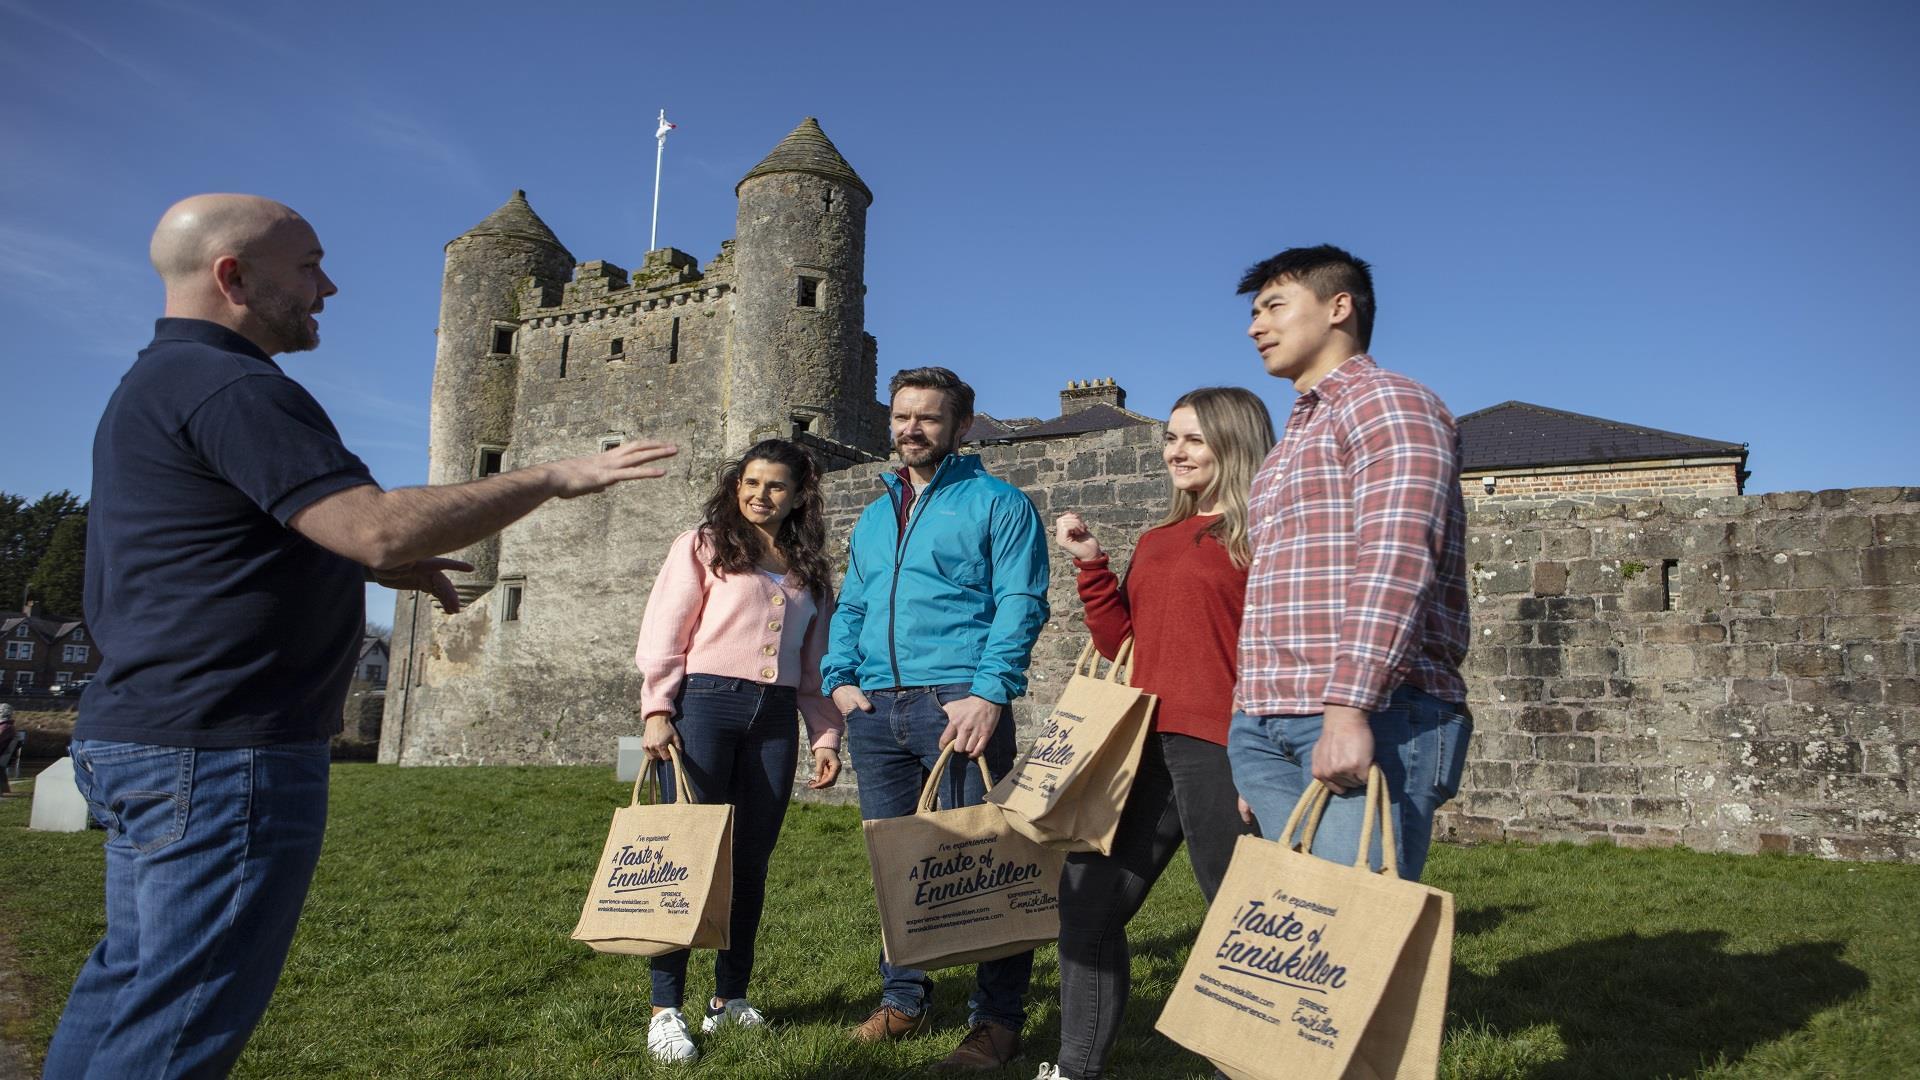 Festival Lough Erne